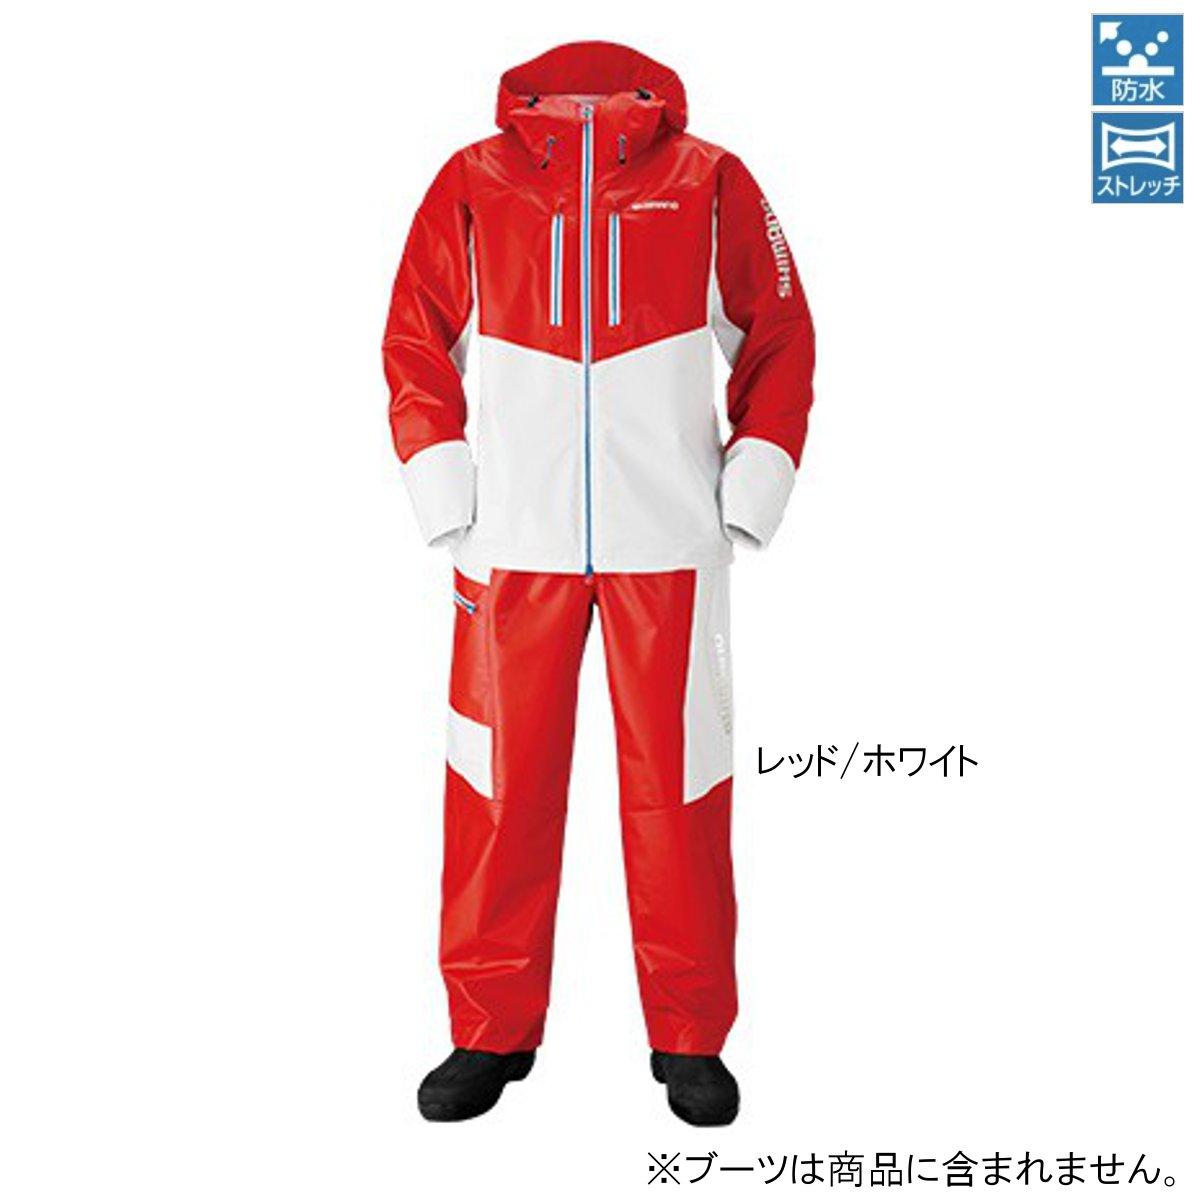 シマノ マリンライトスーツ RA-034N 2XL レッド/ホワイト